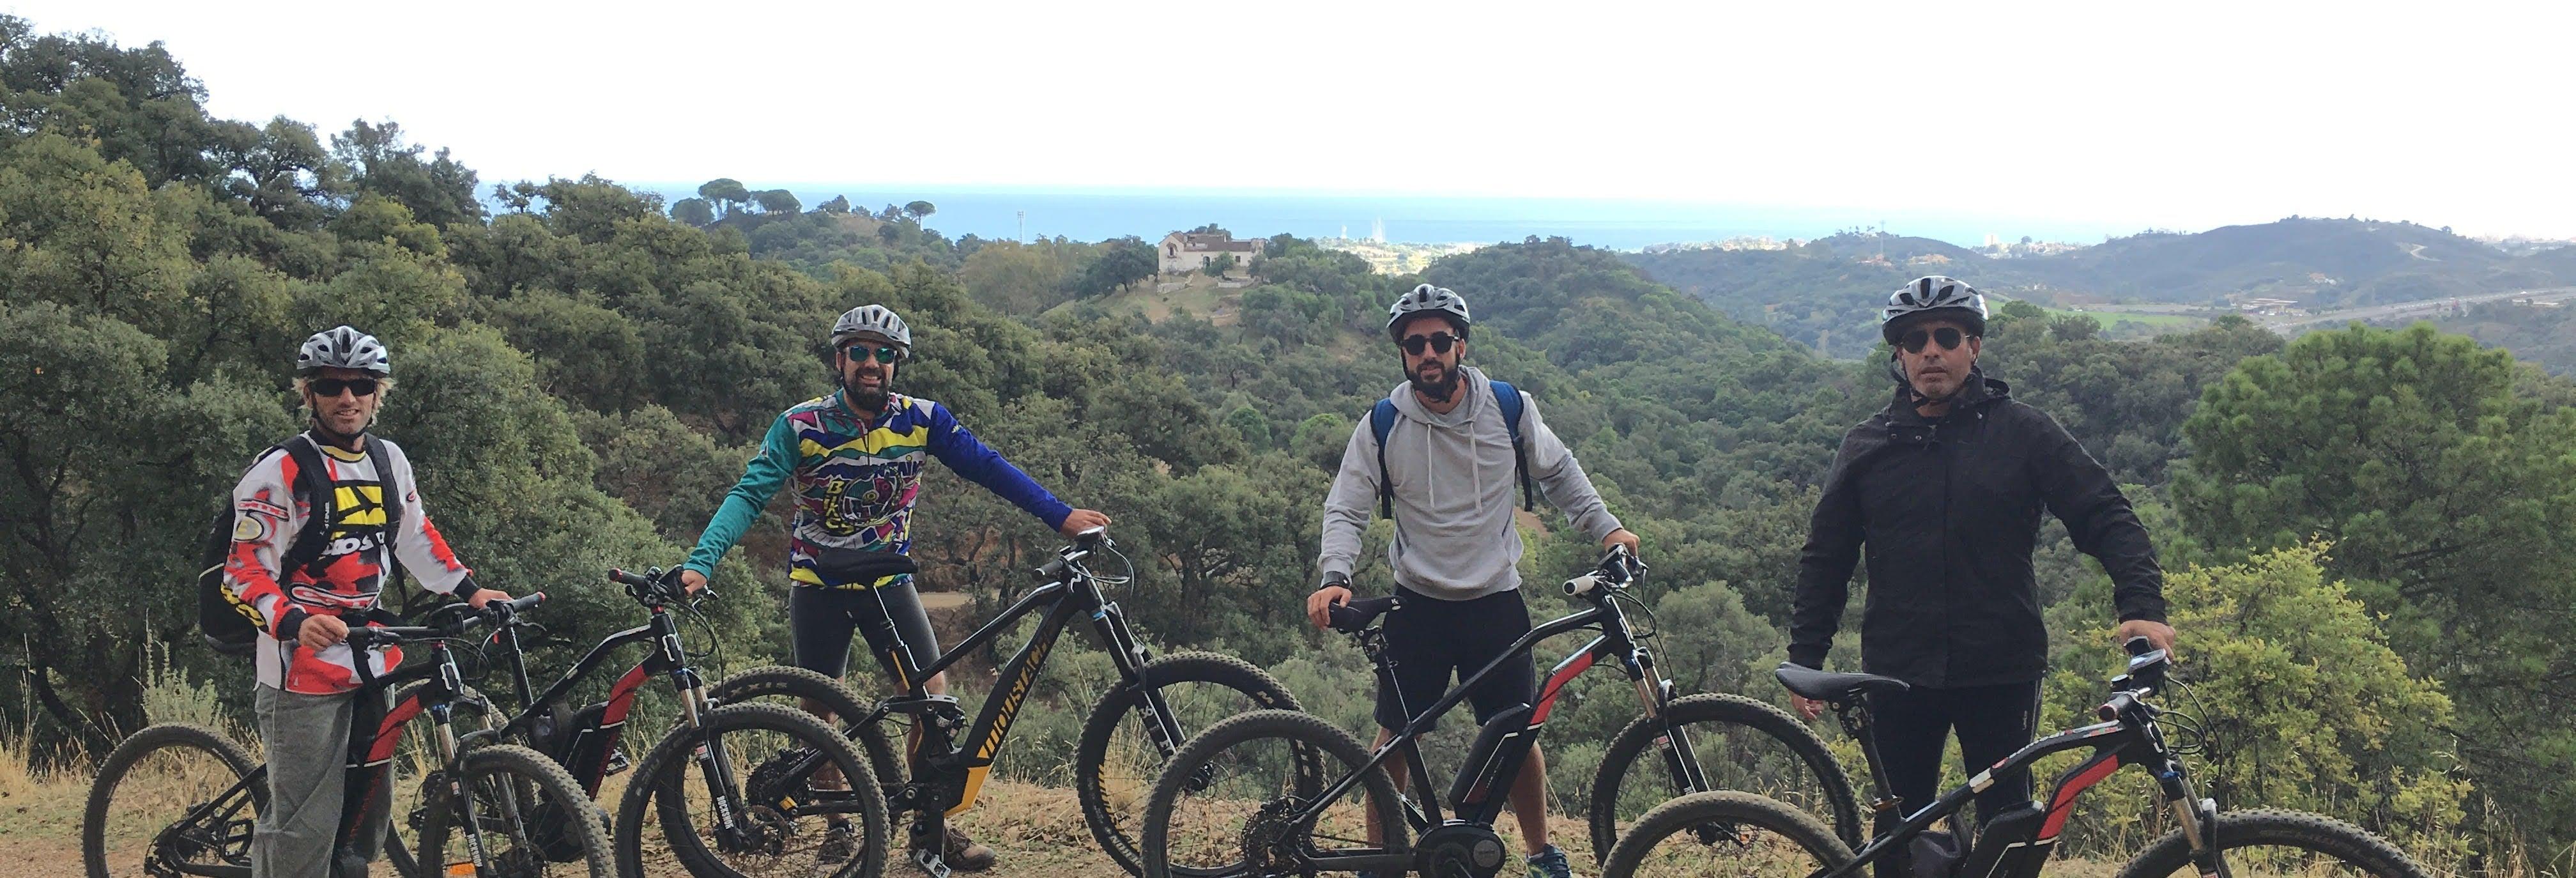 Visite à vélo électrique du Parc de la Conception